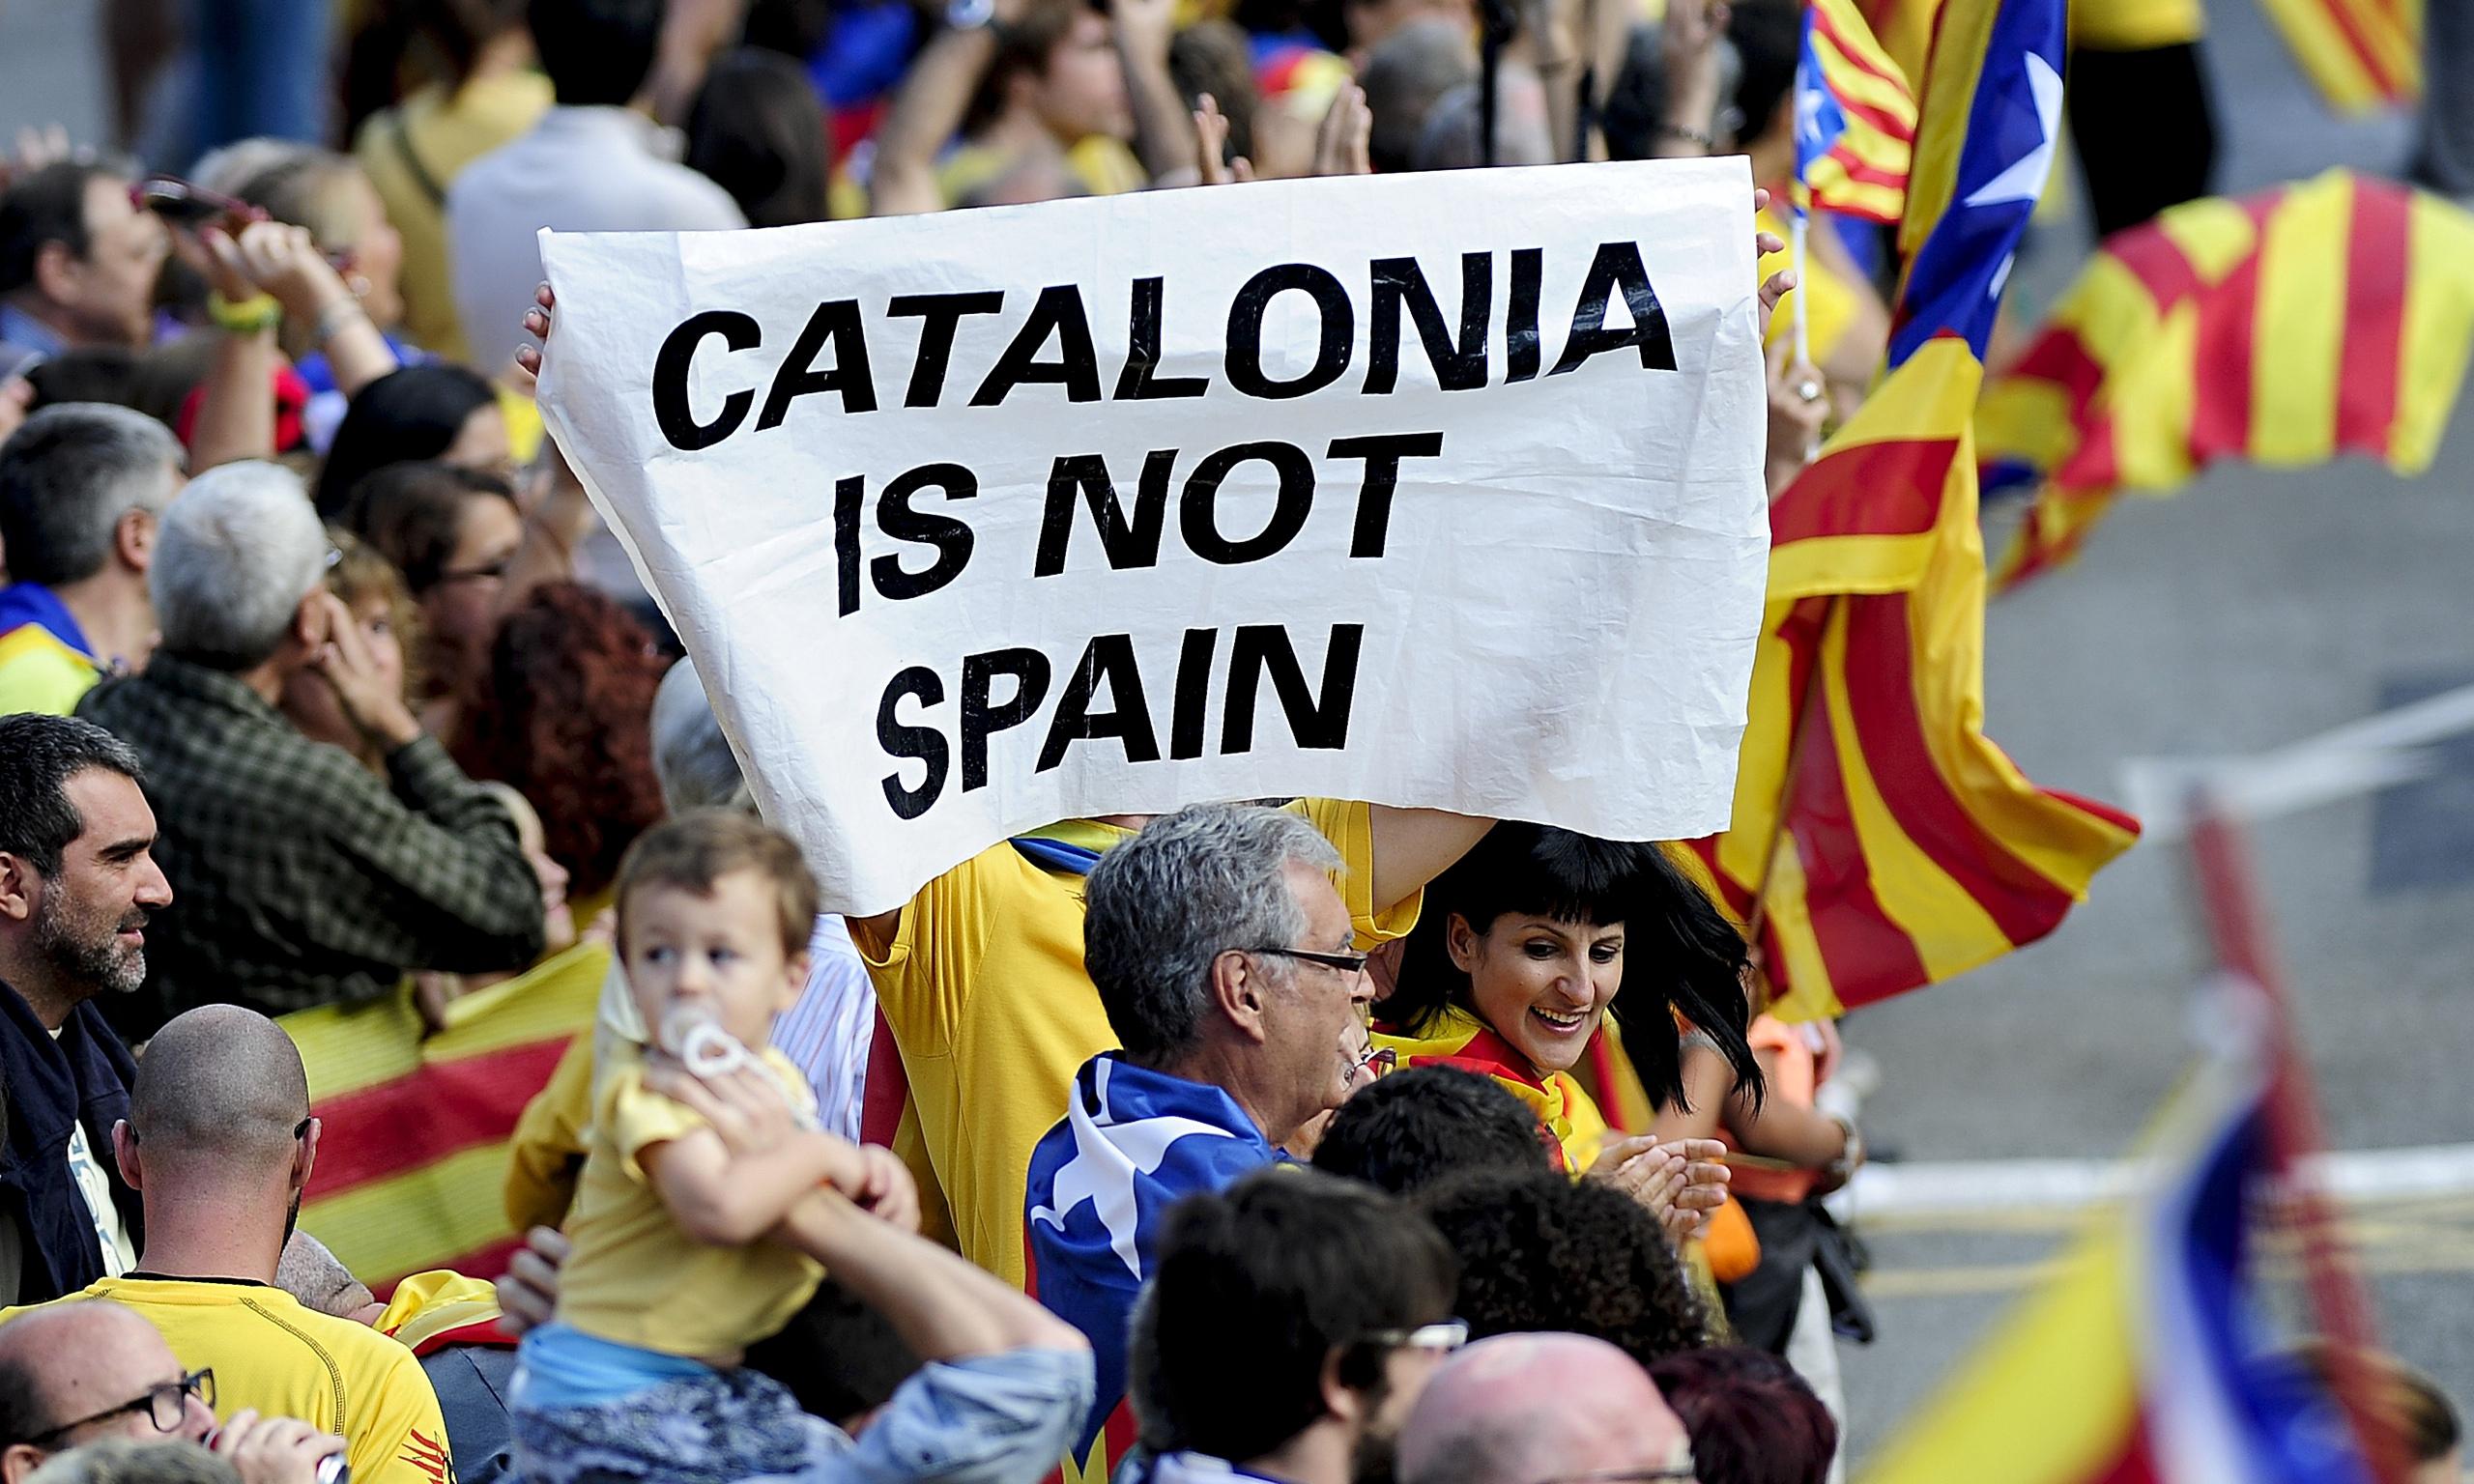 أزيد من 57 في المائة من الكاطالونيين يؤيدون الانفصال عن إسبانيا